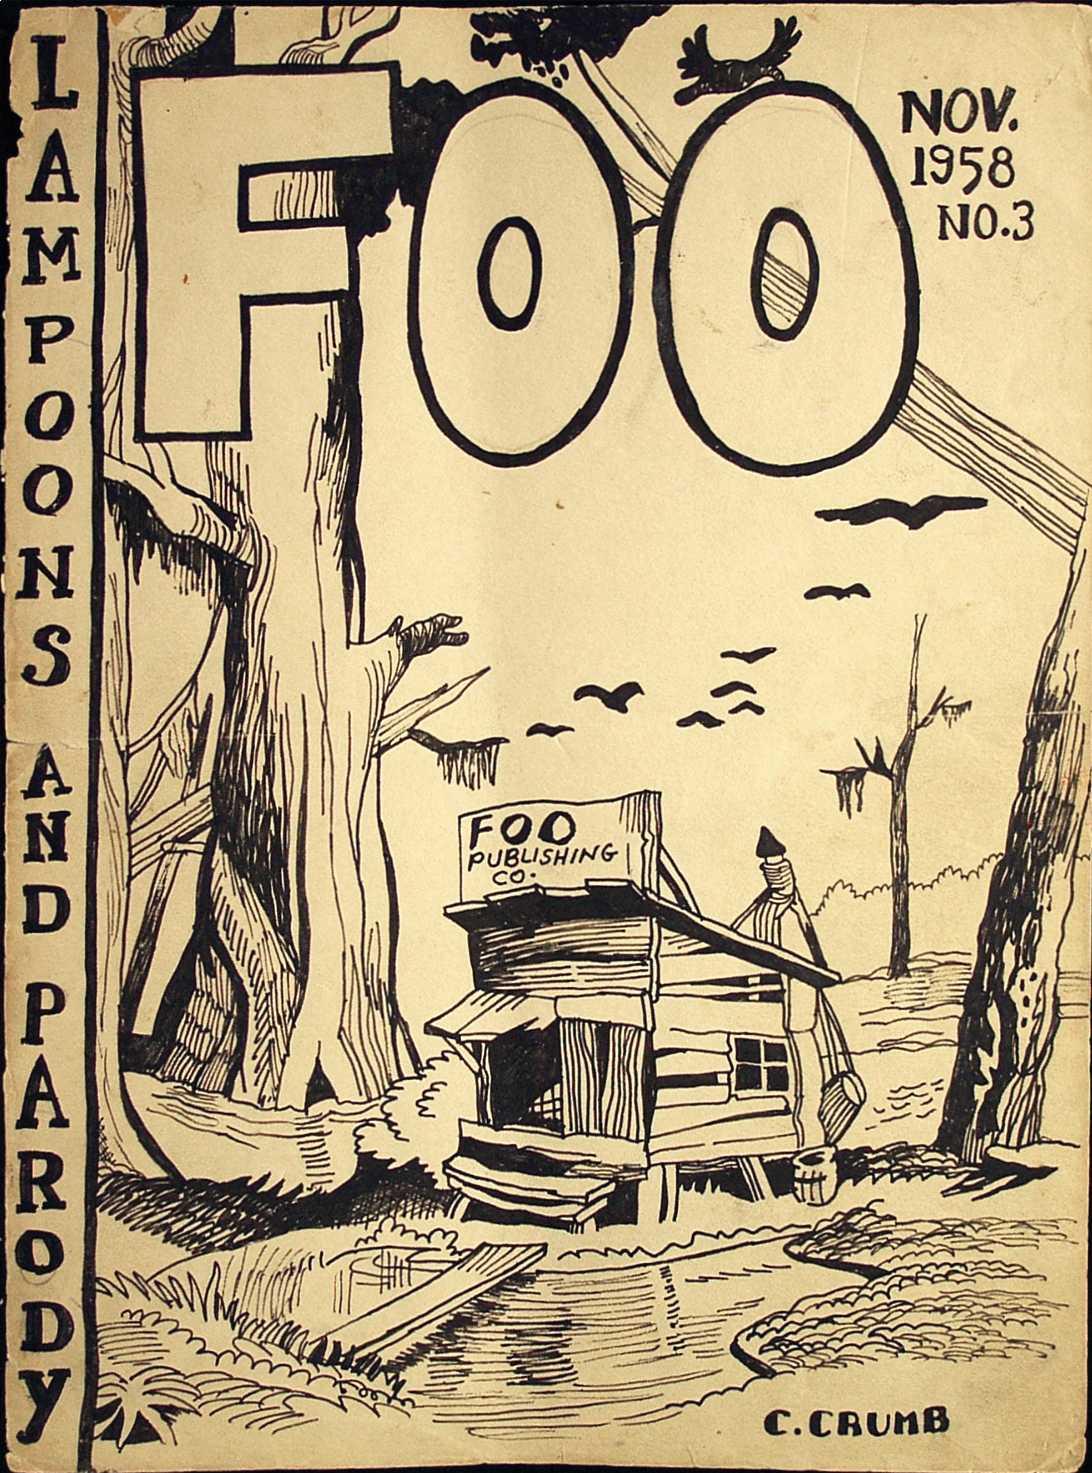 1958) (Item 2367)